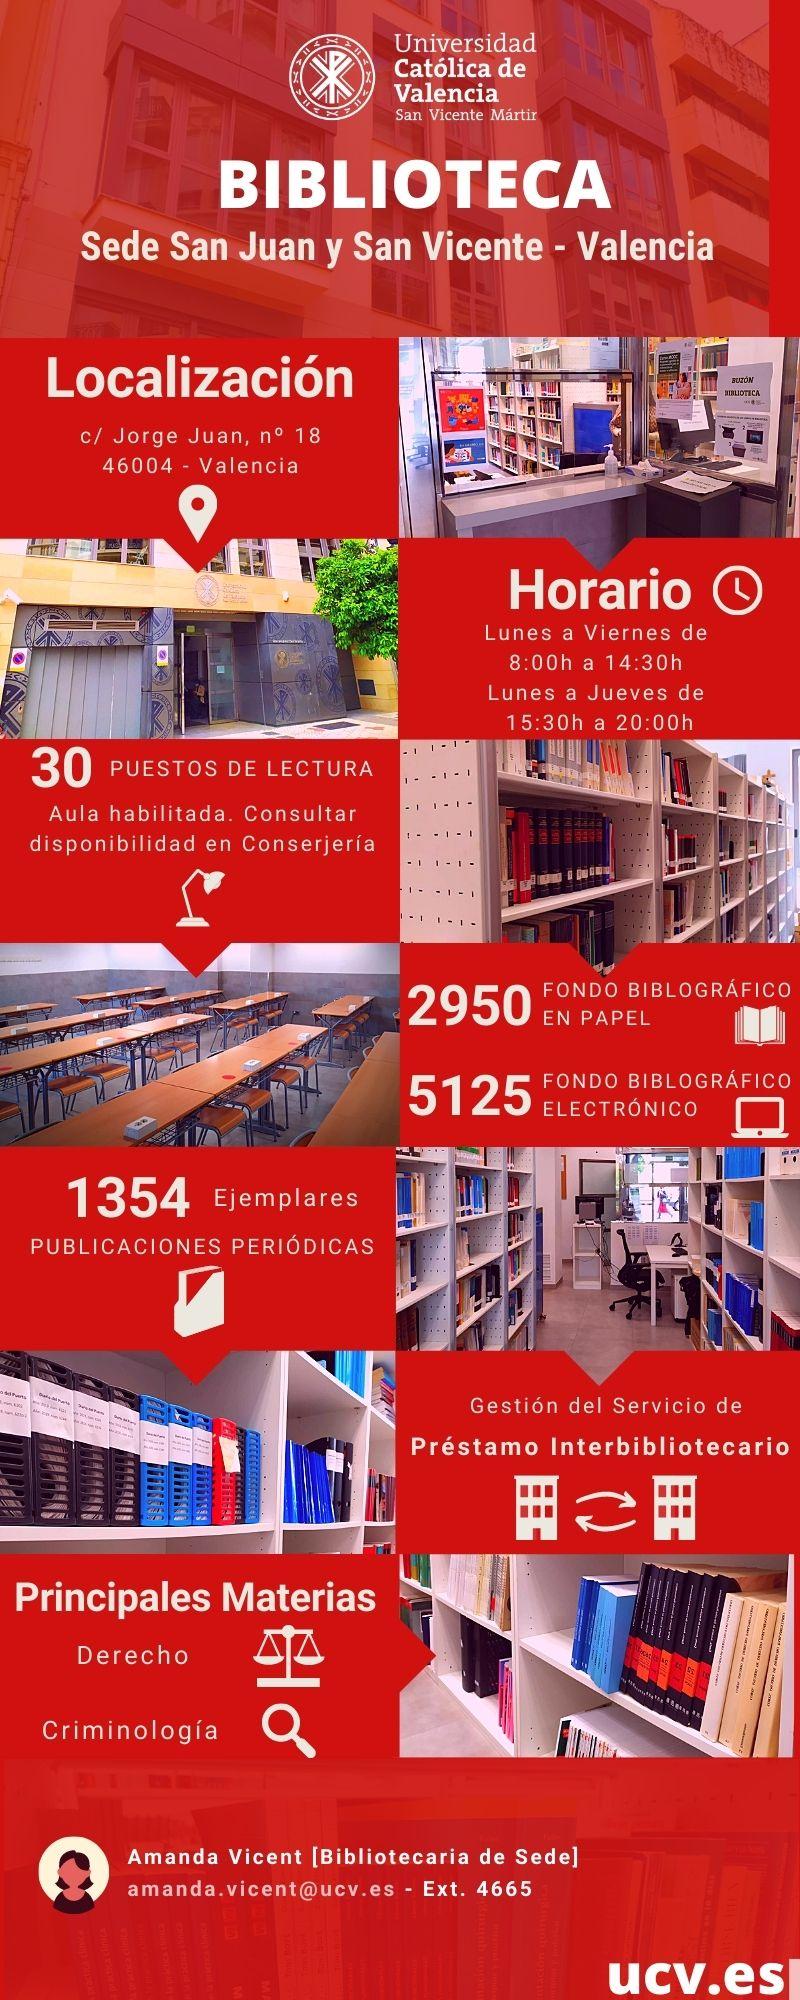 Infografía Sede San Juan y San Vicente